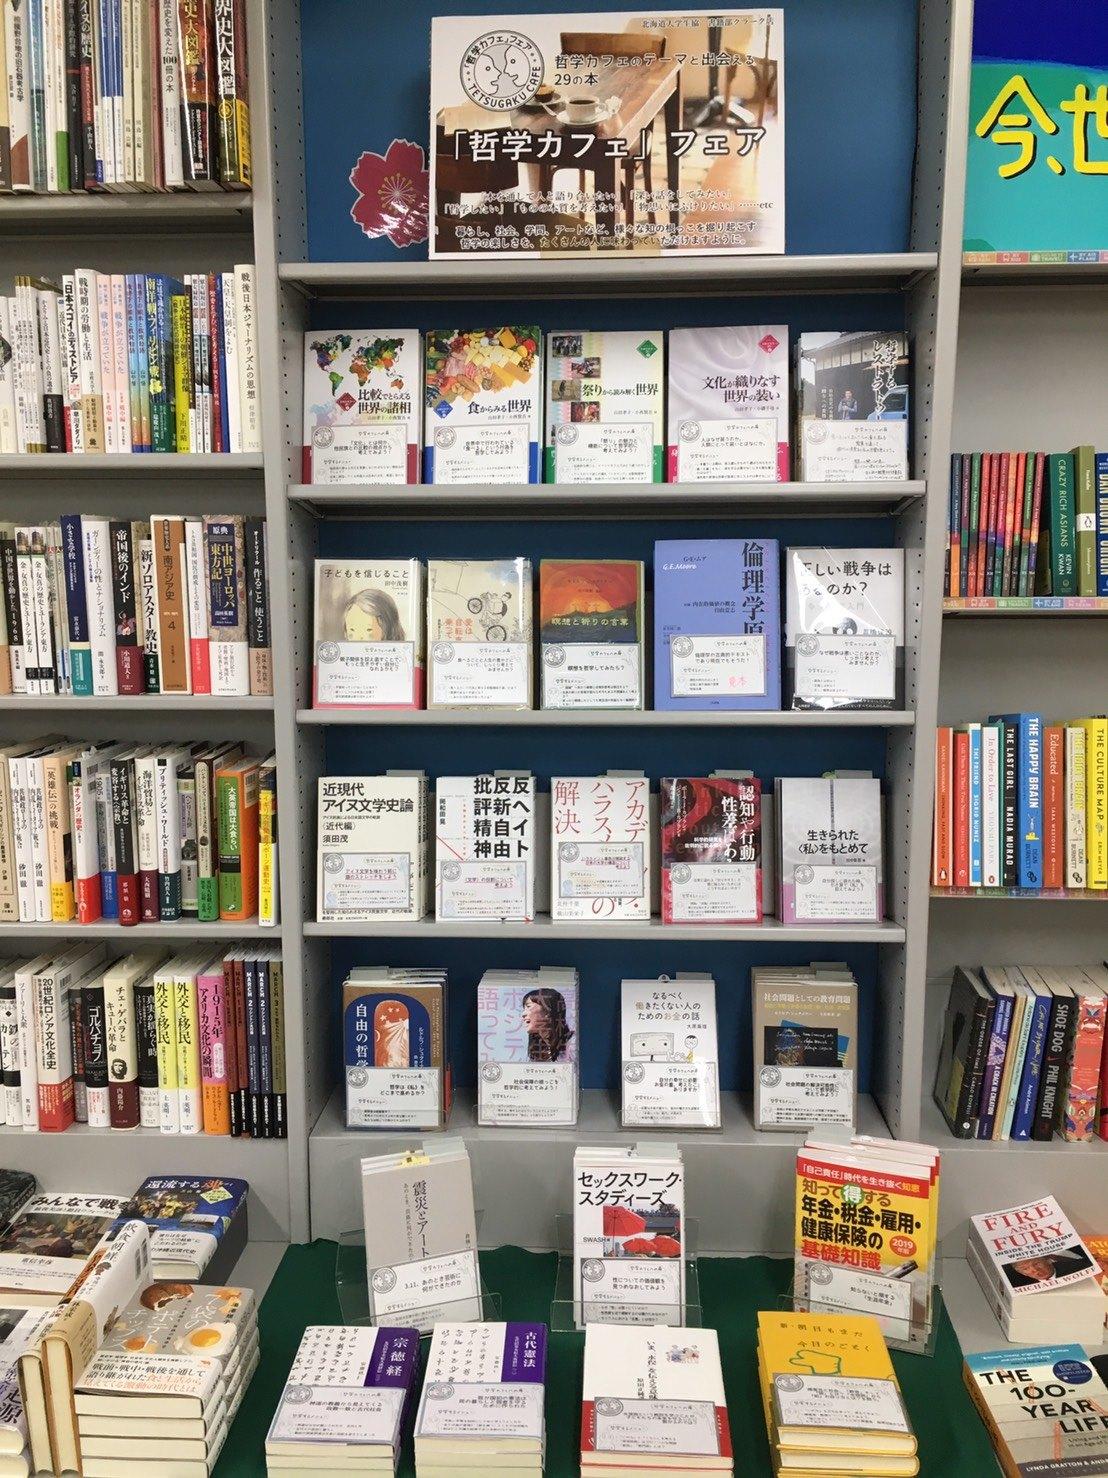 北海道大学生協書籍部クラーク店ブックフェア『哲学カフェのテーマと出会える29の本』第9回